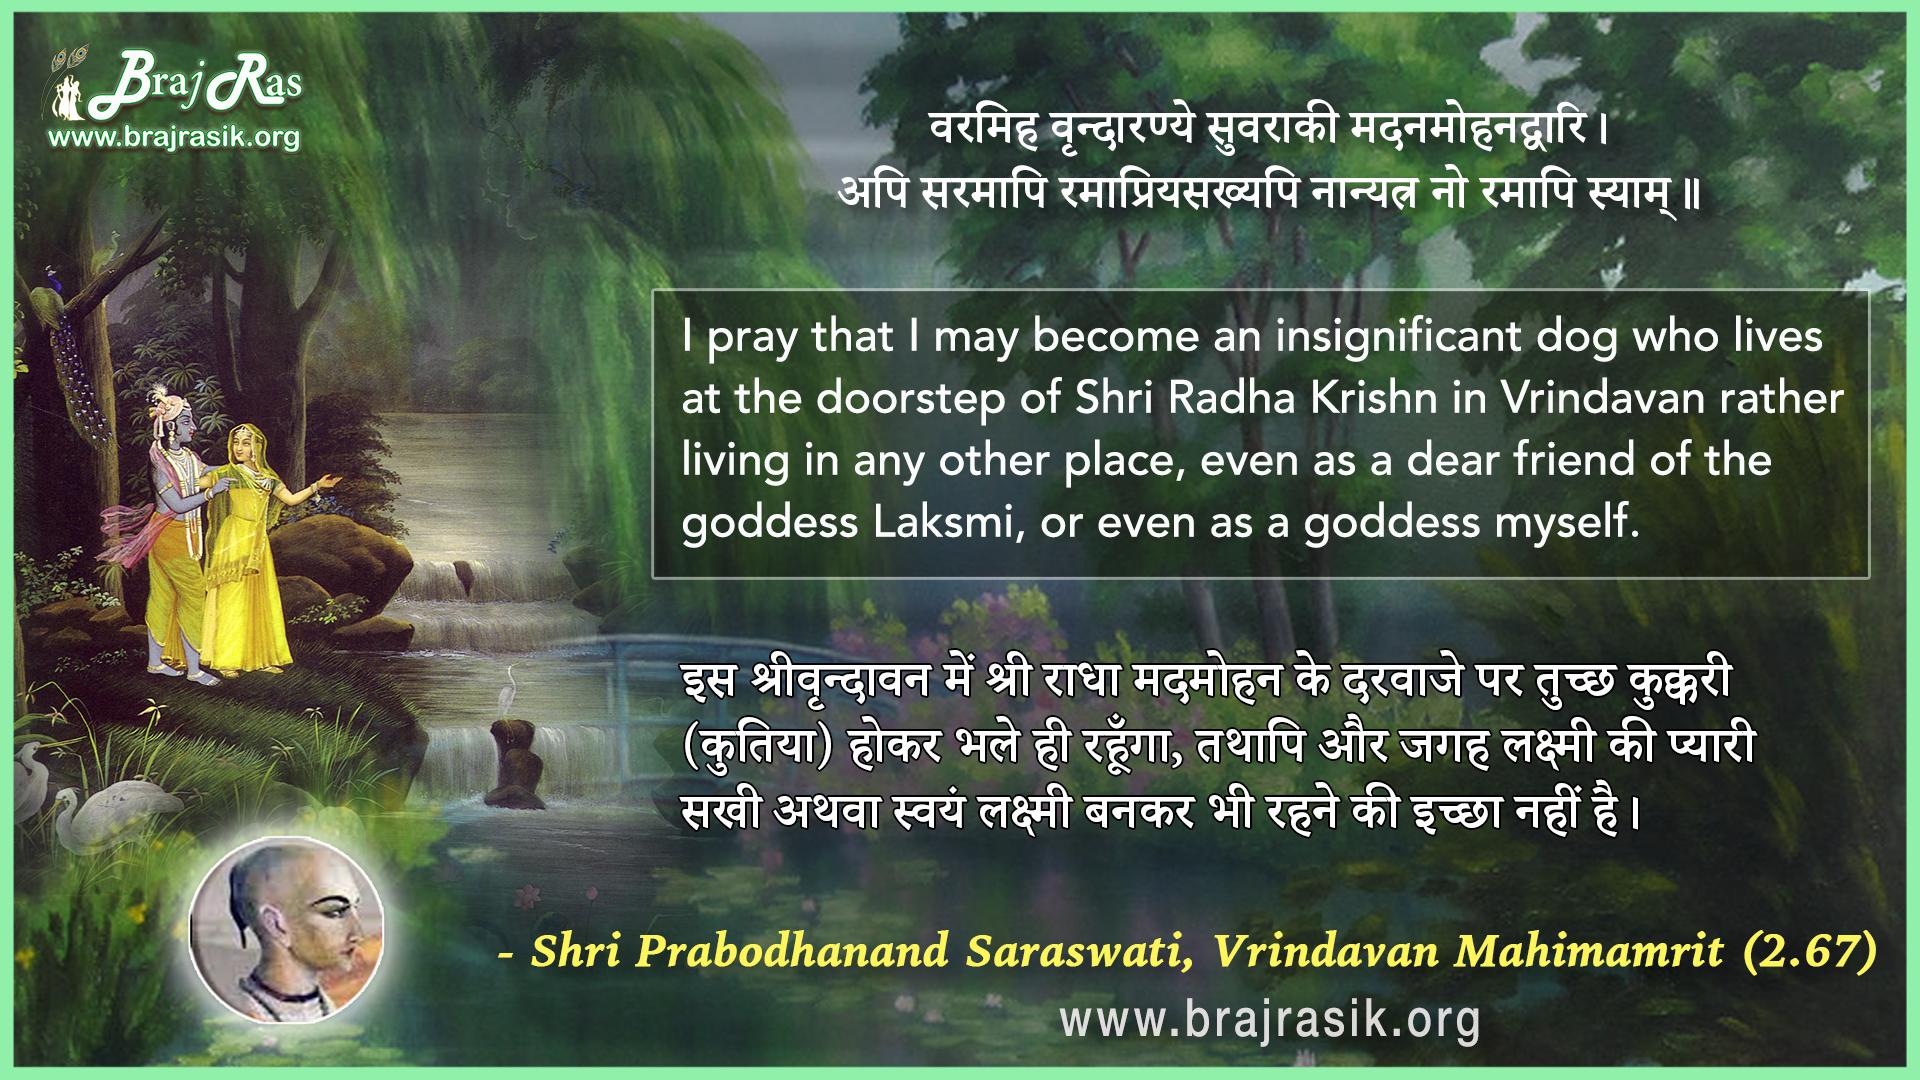 Varamih Vrindaranye Suvaraki Madanmohanadvaari - Shri Prabodhanand Saraswati, Vrindavan Mahimamrit (2.67)